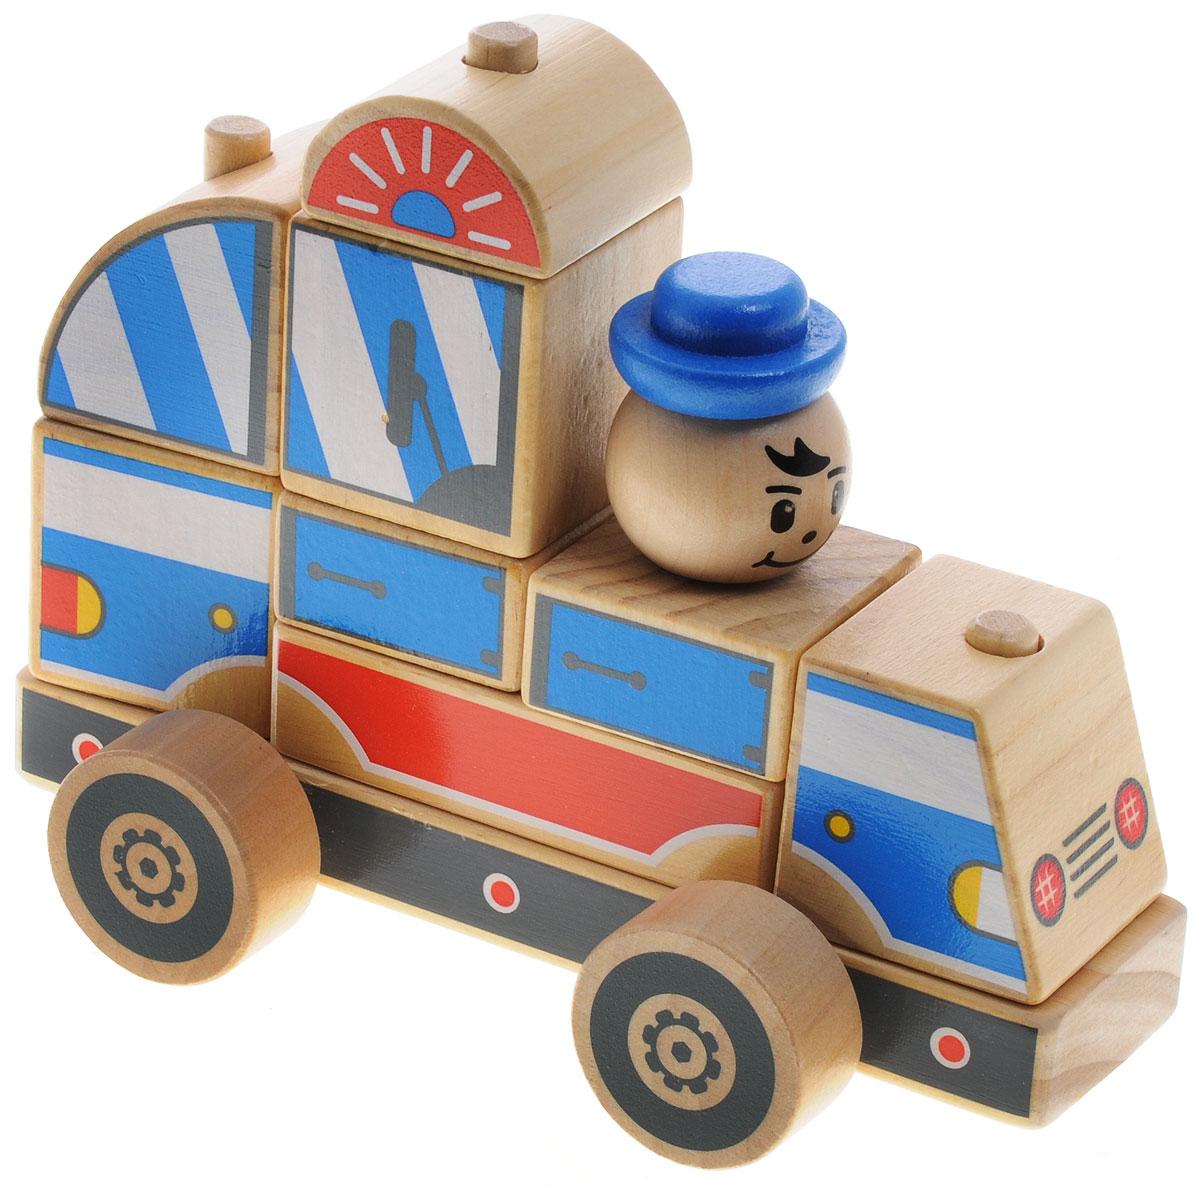 Мир деревянных игрушек Конструктор Полицейская машинаД059Яркий разноцветный конструктор-автомобиль изготовлен из экологически чистой древесины. Конструктор состоит из неразборного основания на колесиках и набора деталей различной формы, которые устанавливаются на основании по принципу пирамидки (надеваются на деревянные столбики). Из этих деталей получается красивая грузовая машина, которую можно катать. Игра с таким конструктором способствует развитию у ребенка внимания, усидчивости, пространственного мышления, координации движений, воображения, моторики пальчиков. Яркие детали конструктора познакомят ребенка с основными цветами. Характеристики: Размер упаковки: 17 см x 13 см x 9 см. Размер автомобиля в собранном виде: 16 см x 12 см x 8,5 см.